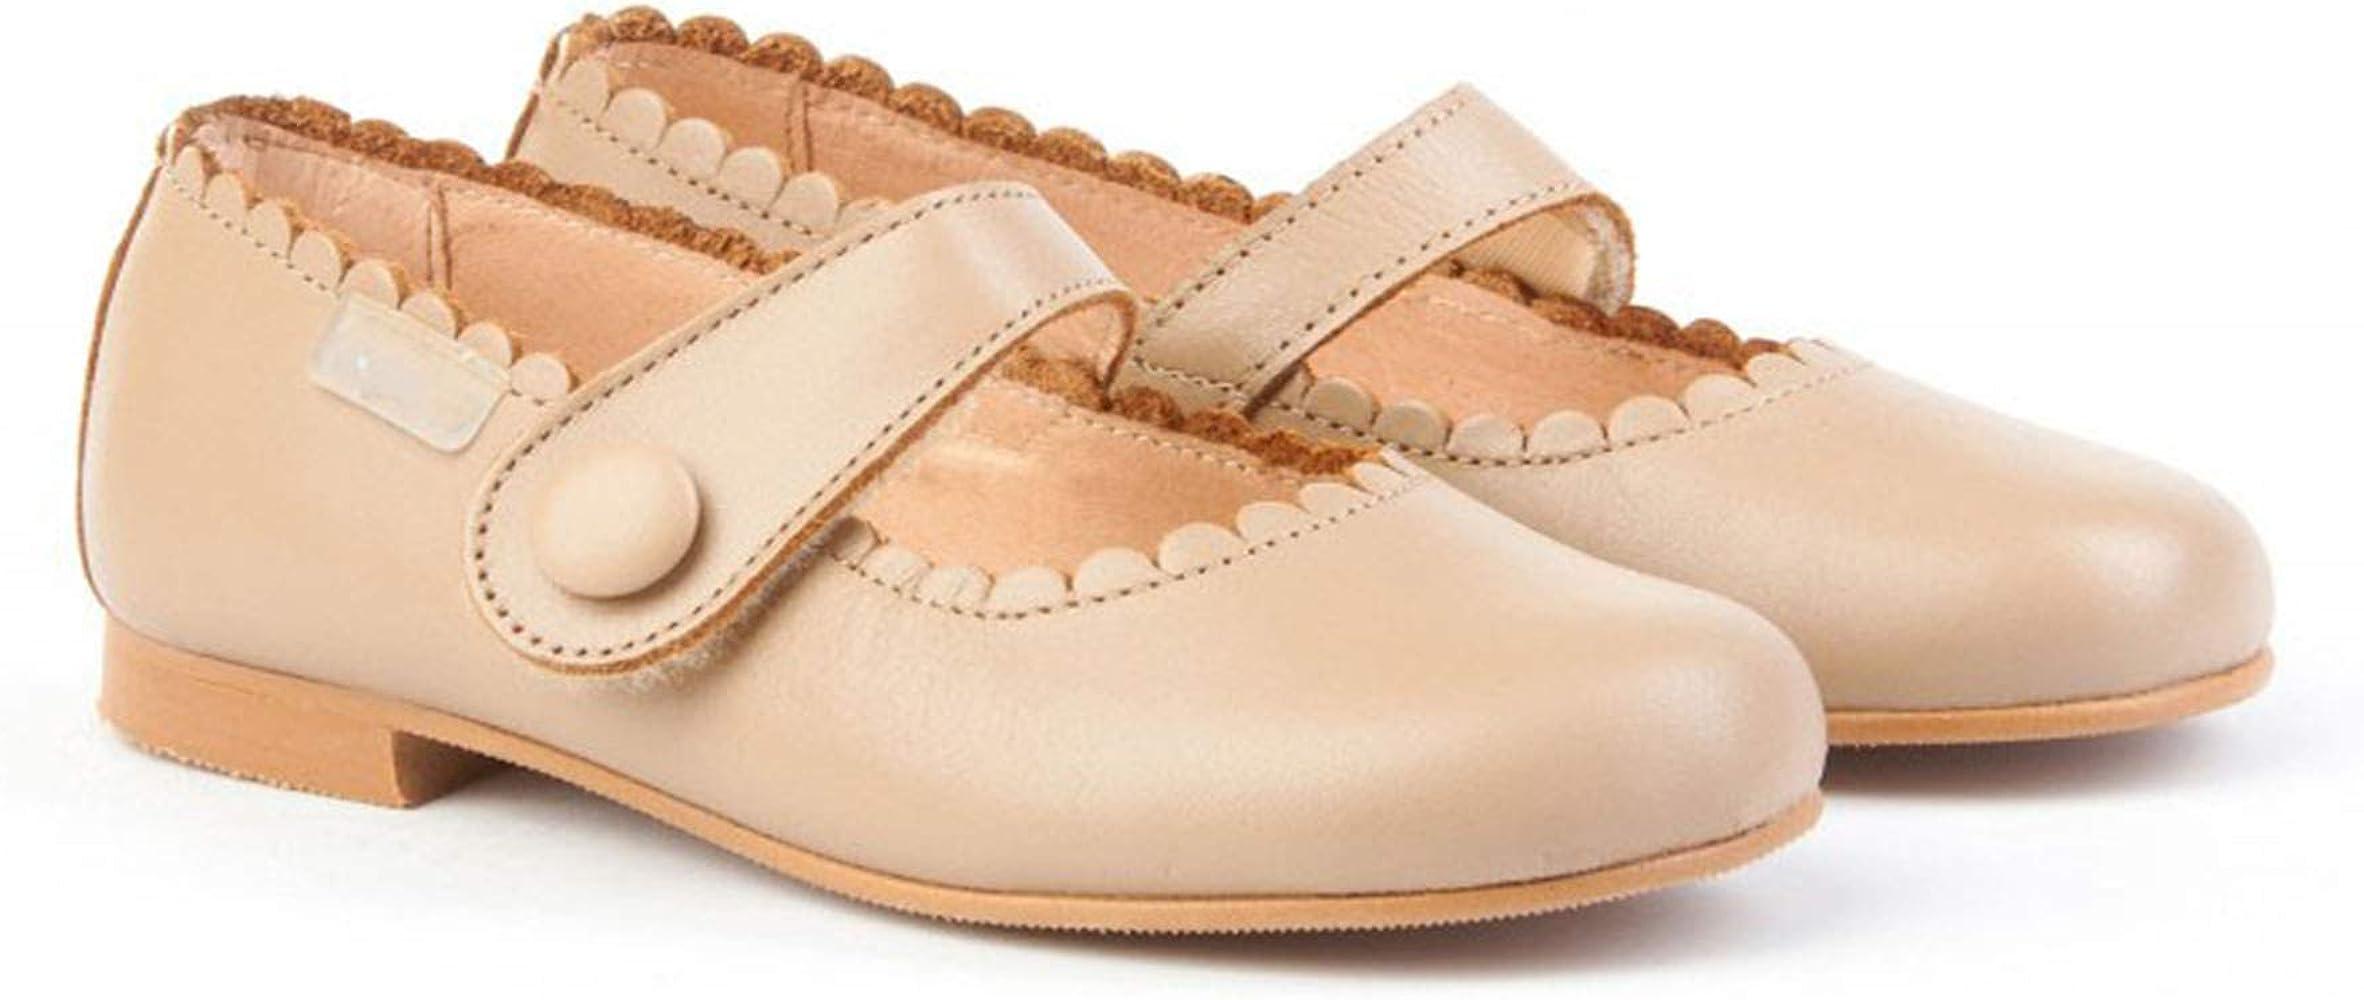 Zapatos Merceditas de niña con Cierre de Velcro. Este Zapato Francesita está Fabricado en Piel y Hecho en España - Mi Pequeña Modelo 1512I Color Camel.: Amazon.es: Zapatos y complementos